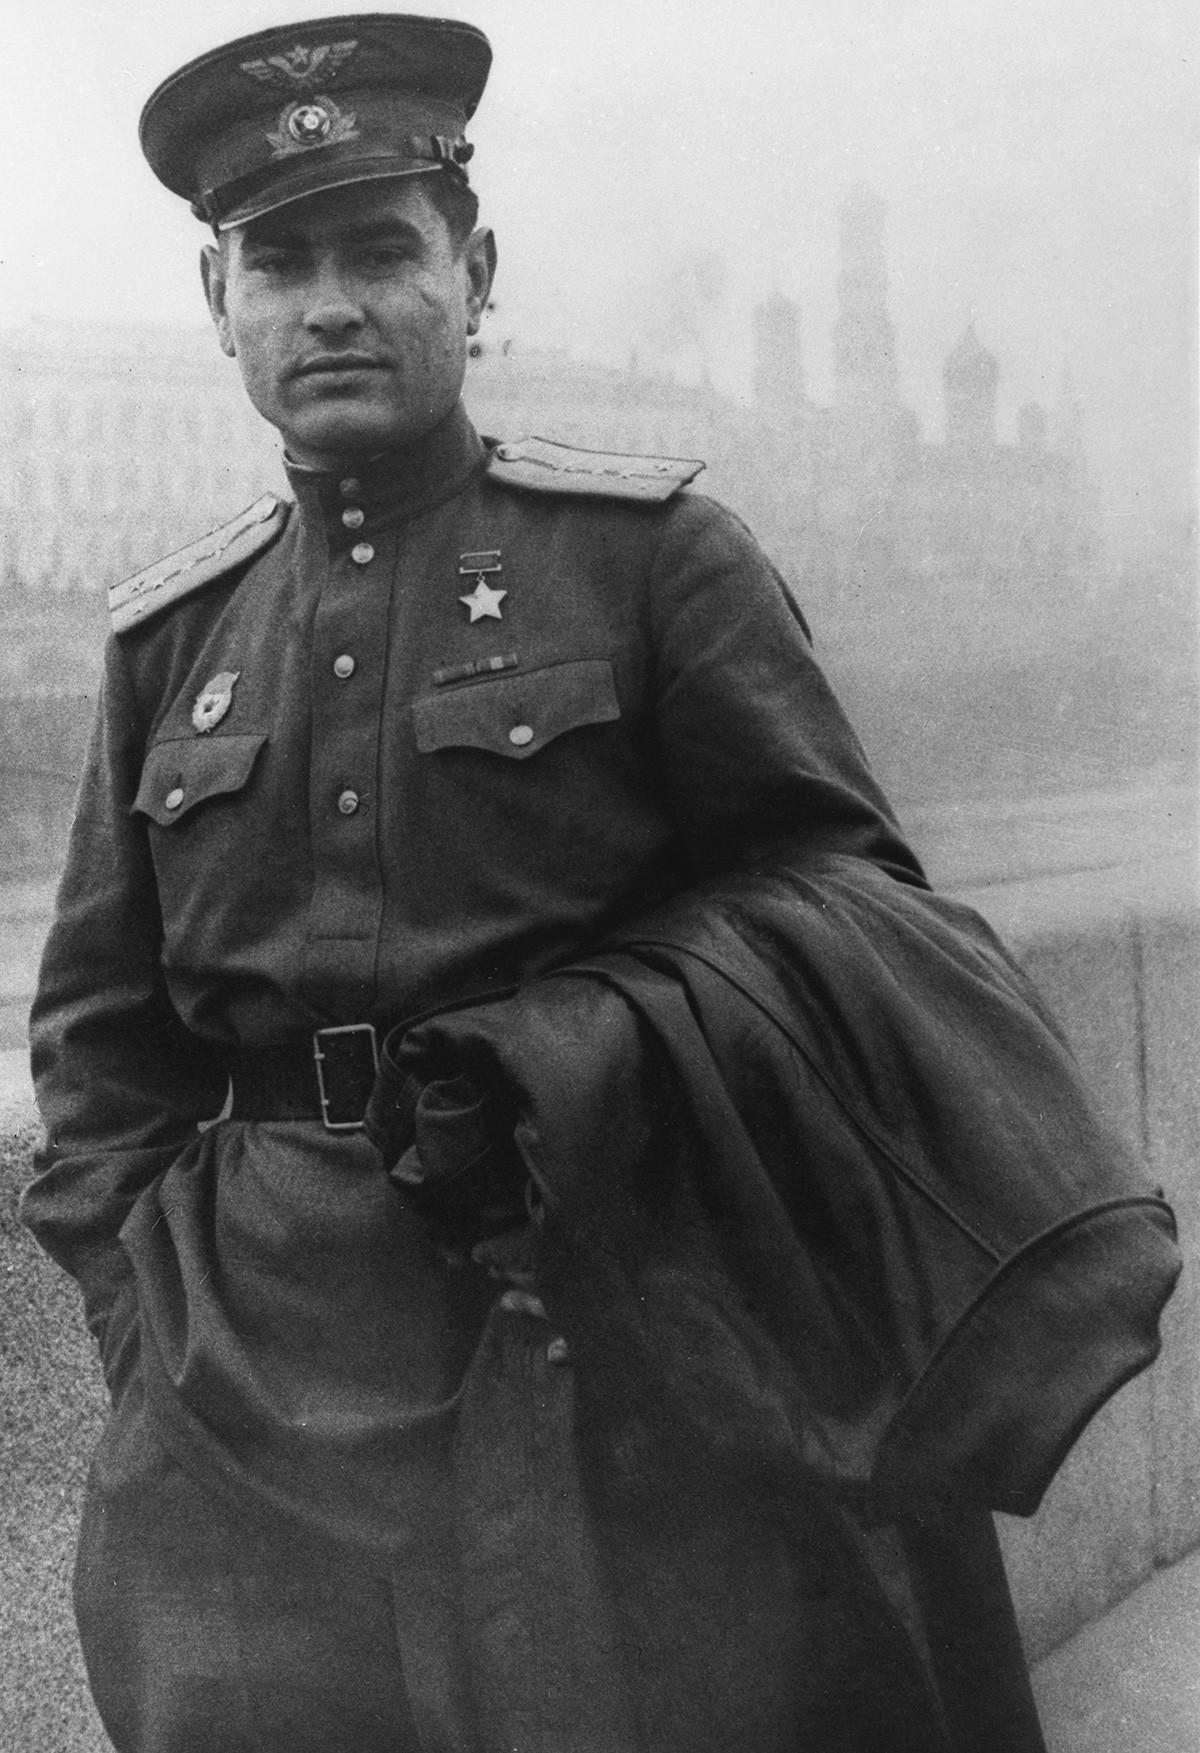 1. siječnja 1943. Podvig Alekseja Maresjeva se pročuo zahvaljujući publikaciji posvećenoj njegovom podvigu koju je pod nazivom